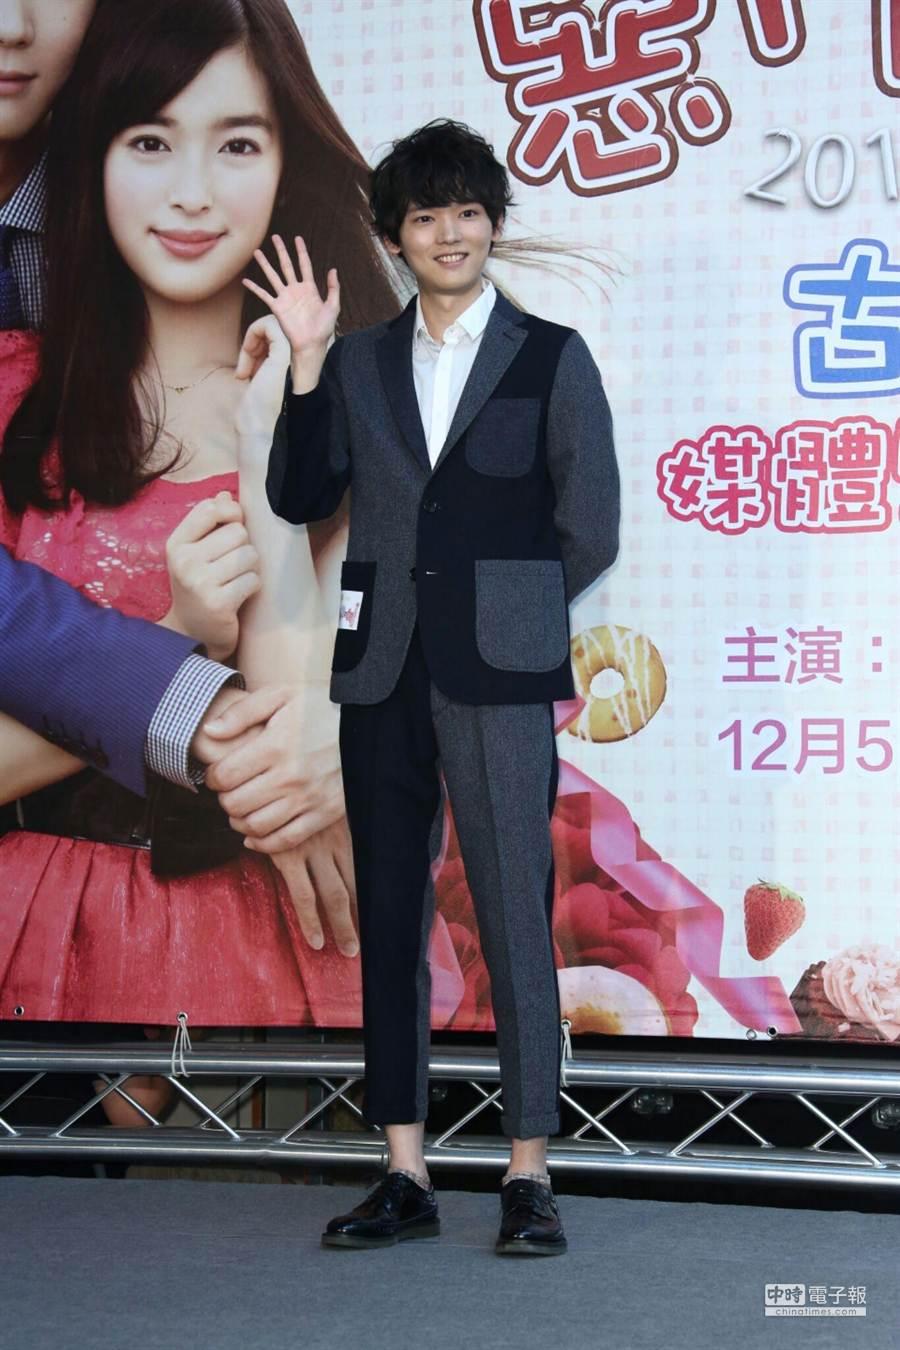 男主角古川雄輝出席衛視中文台日劇「惡作劇2吻」粉絲見面會。(羅永銘攝)